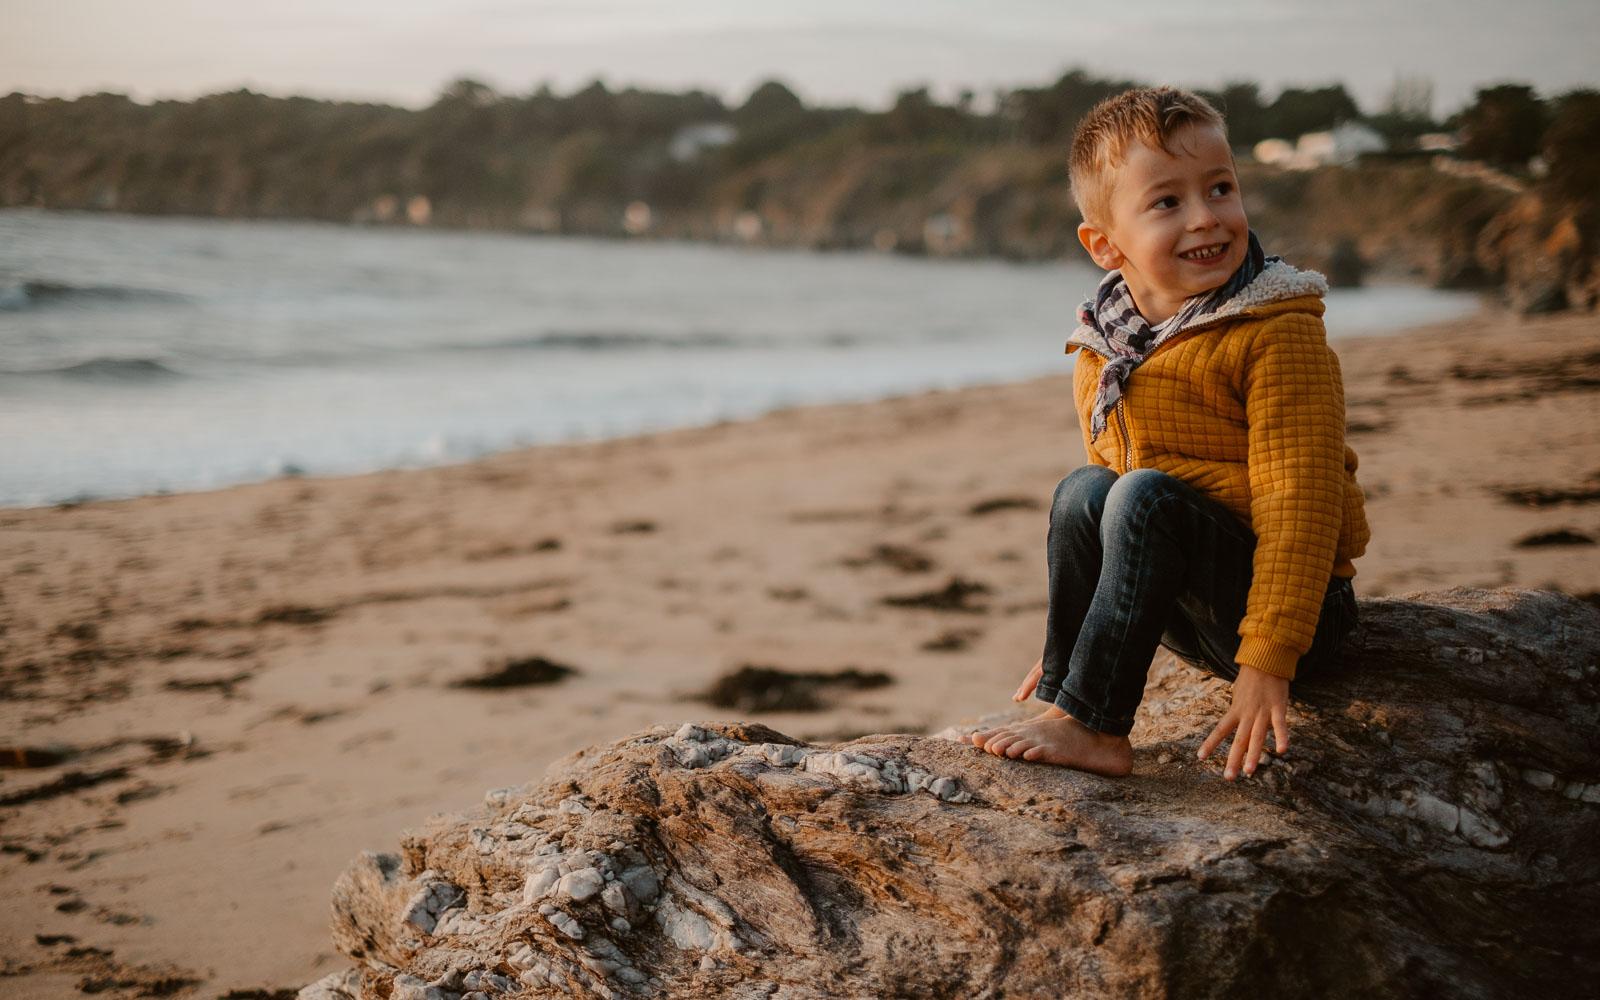 Reportage lifestyle en famille et en extérieur, en pleine nature en bord de mer à Pornic en Pays de la Loire par Geoffrey Arnoldy photographe